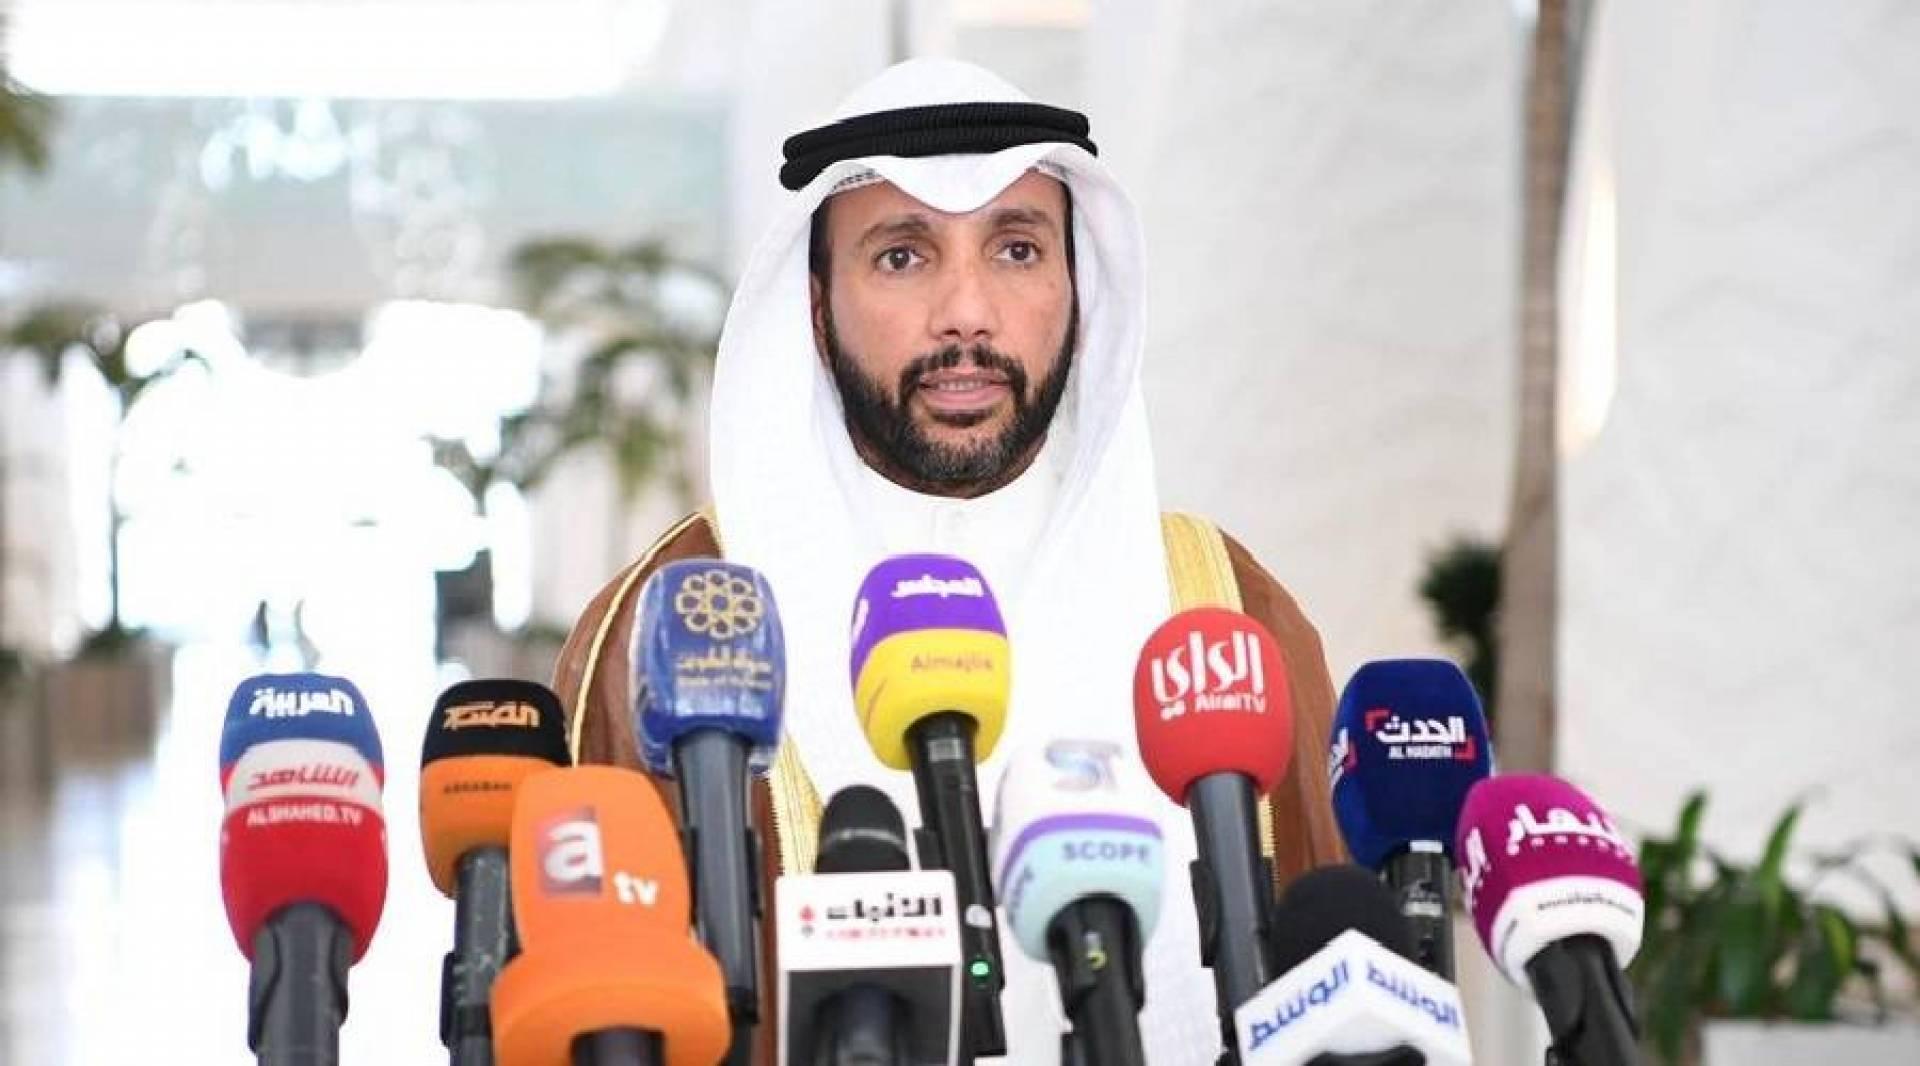 الرئيس الغانم: تسلمتُ استجواباً من النائب شعيب المويزري لوزير الداخلية.. مكوناً من 3 محاور